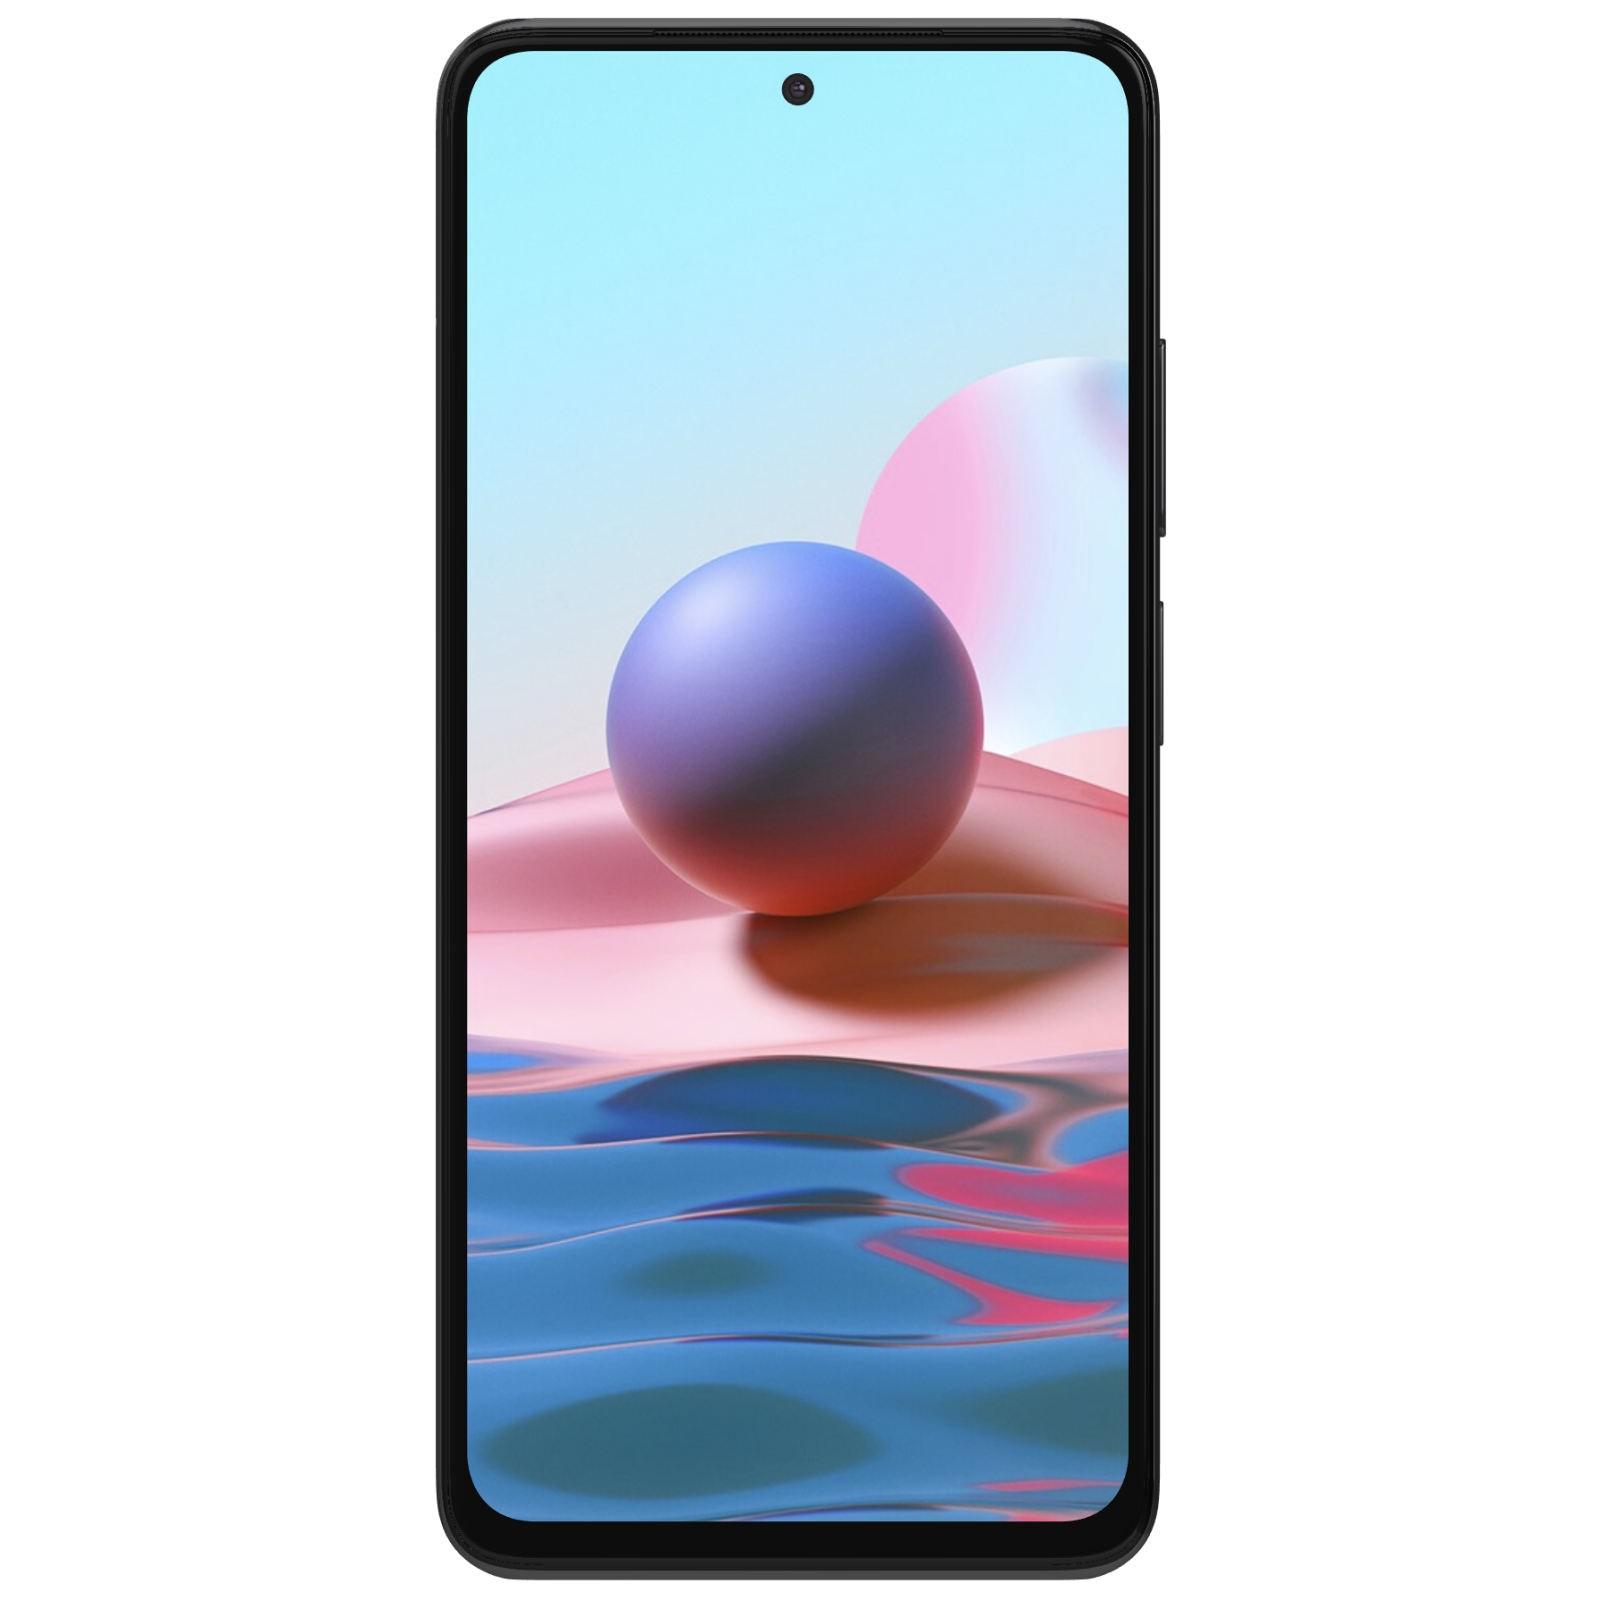 گوشی موبایل شیائومی مدل Redmi Note 10 M2101K7AG دو سیم کارت ظرفیت (64 گیگابایت) رم 4 گیگابایت